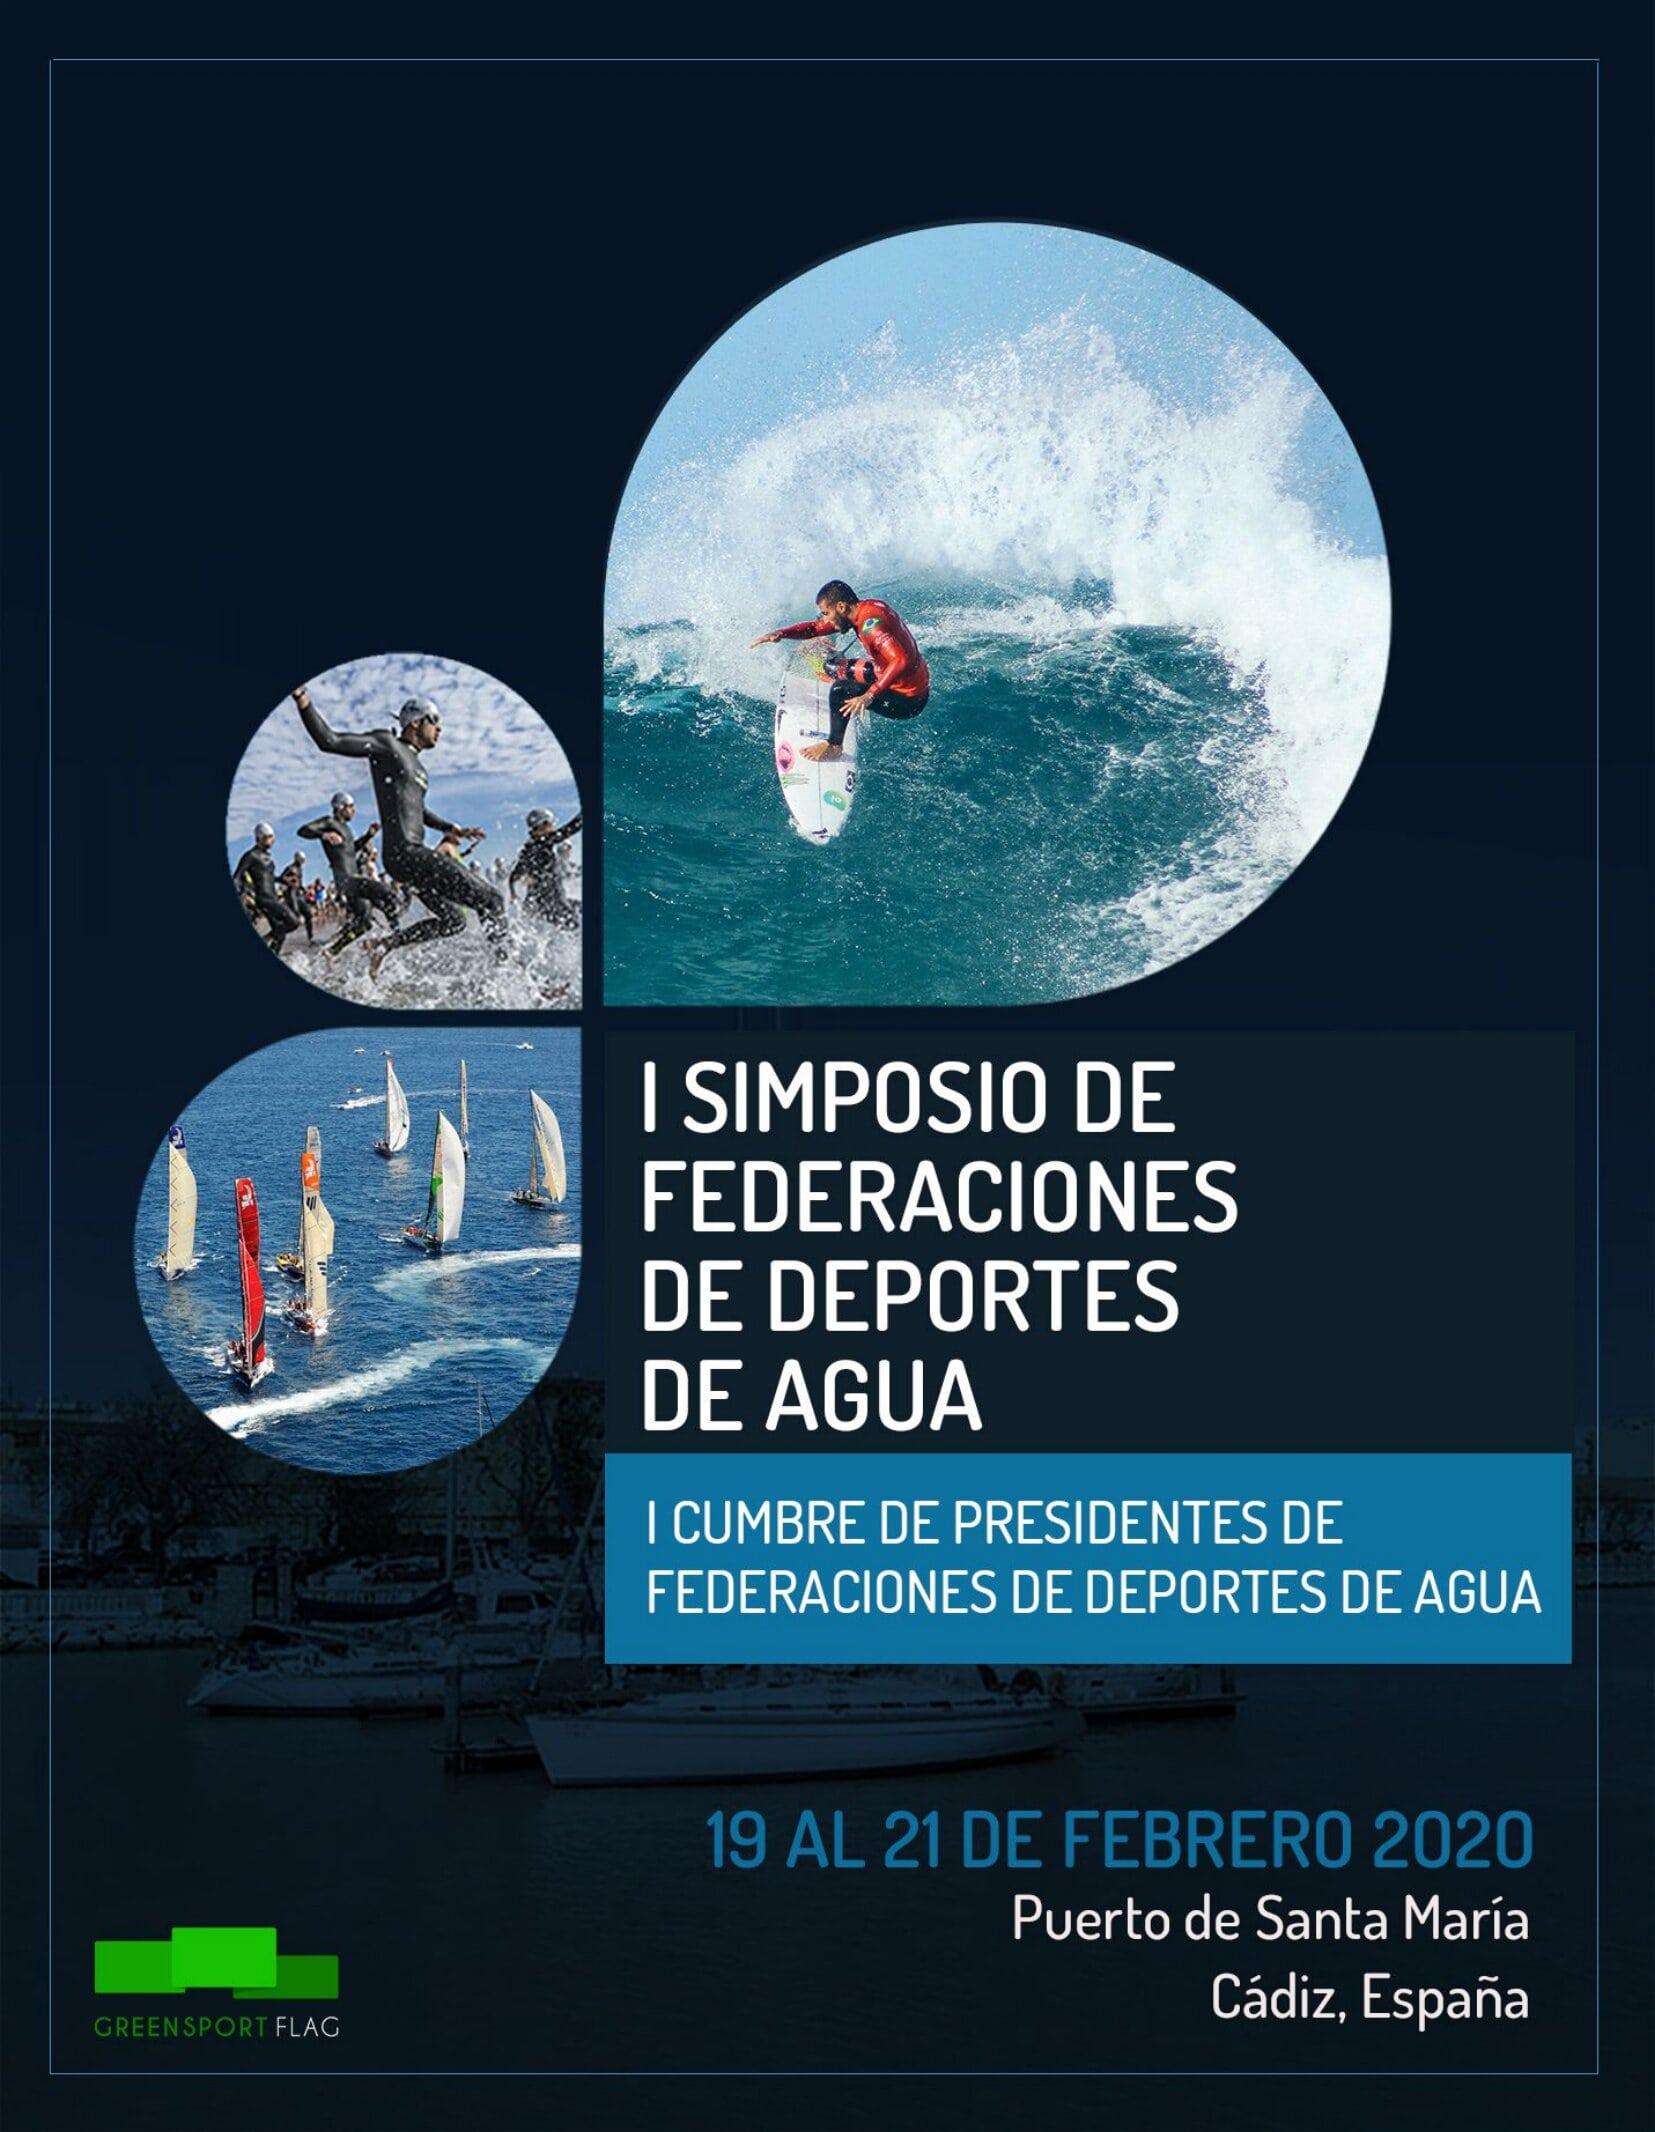 ADESP organiza una cita histórica con los Presidentes de las Federaciones Españolas de Deportes de Agua, en pro del medioambiente